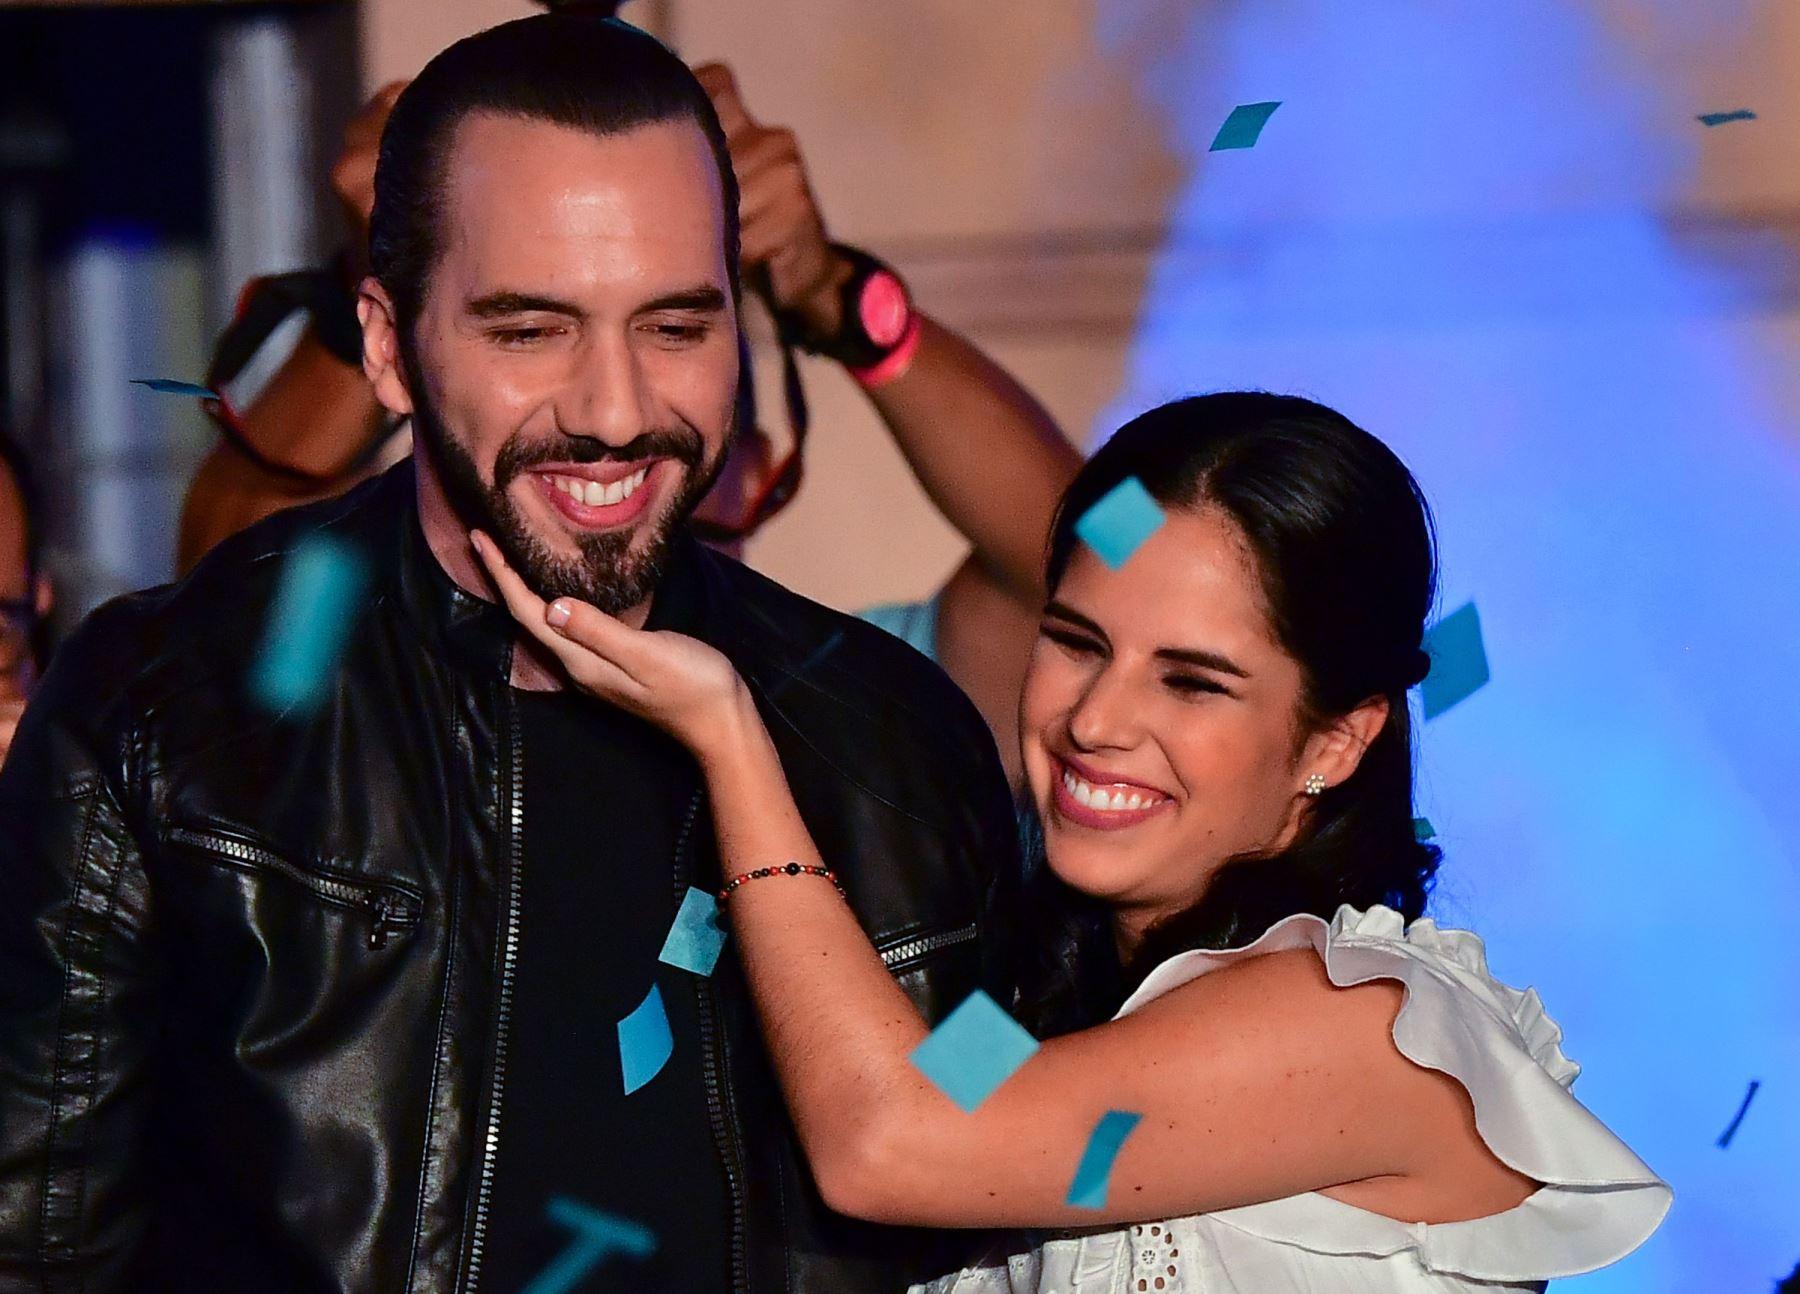 El candidato presidencial de El Salvador, Nayib Bukele, de la Gran Alianza Nacional (GANA), celebra junto a su esposa Gabriela Rodriguez Foto: AFP